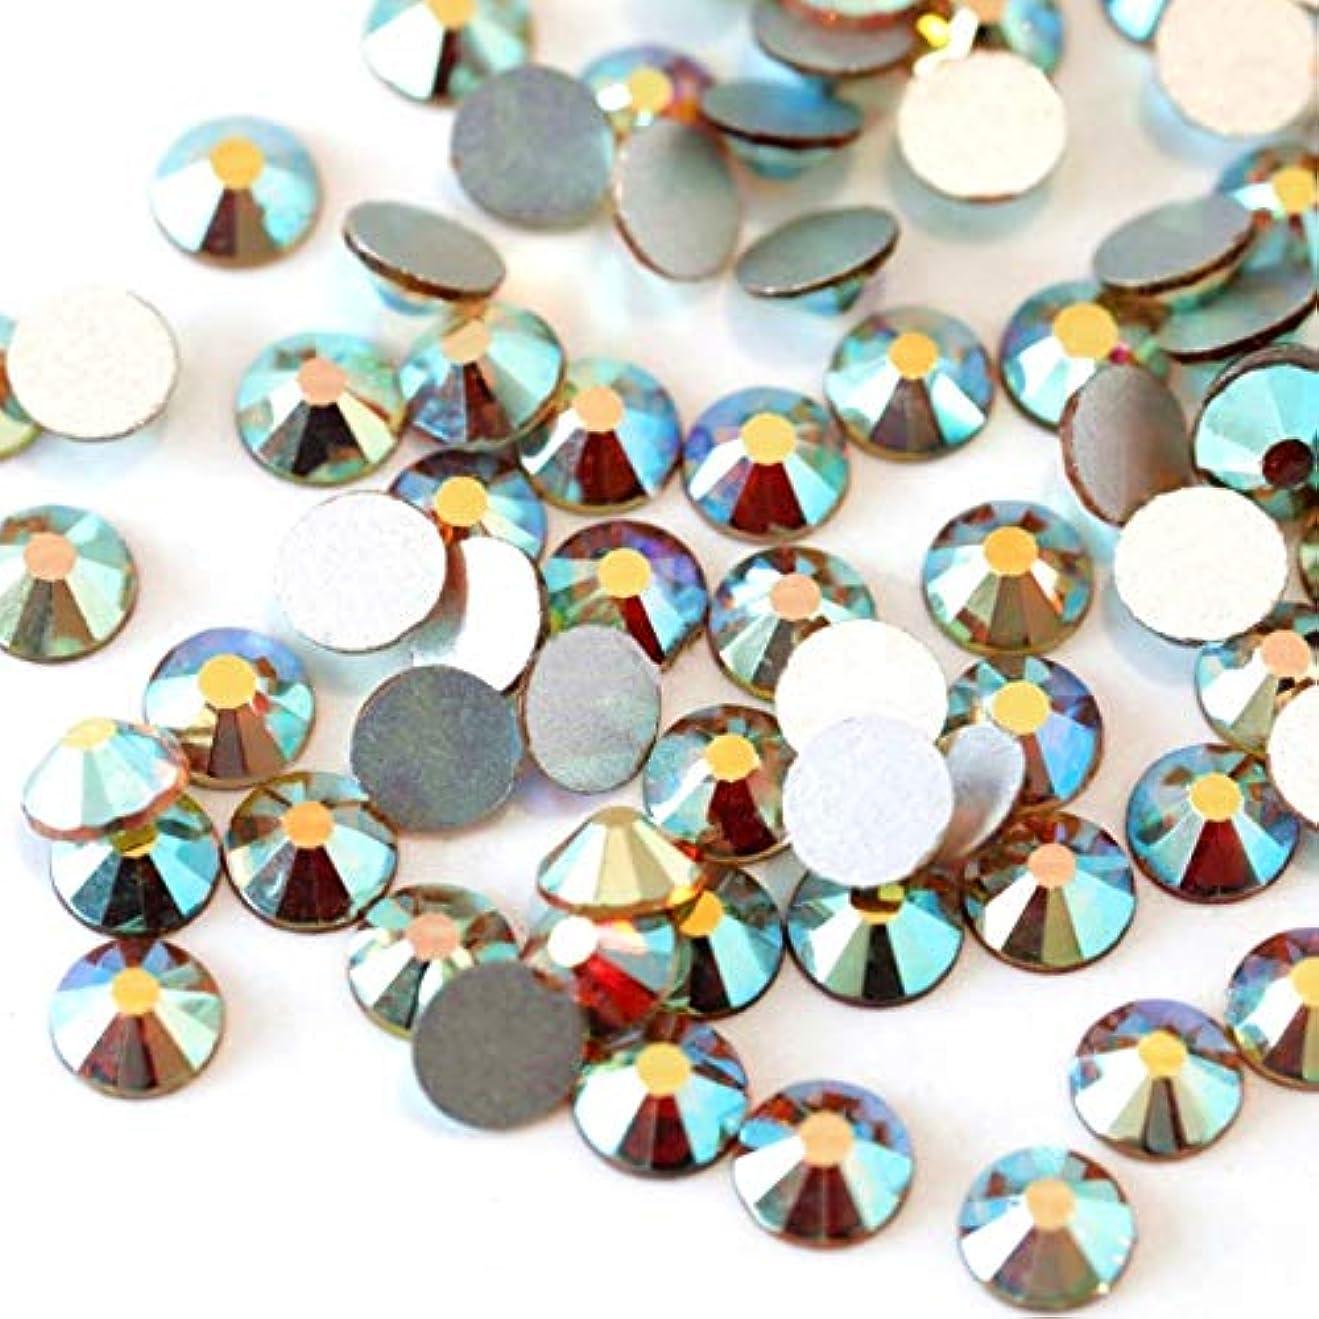 雪だるまスリムヒューム【ラインストーン77】高品質ガラス製ラインストーン 色/サイズ選択可 SS3~SS50 スワロフスキー同等 (サンライズ, SS20:約4.7mm(約120粒))